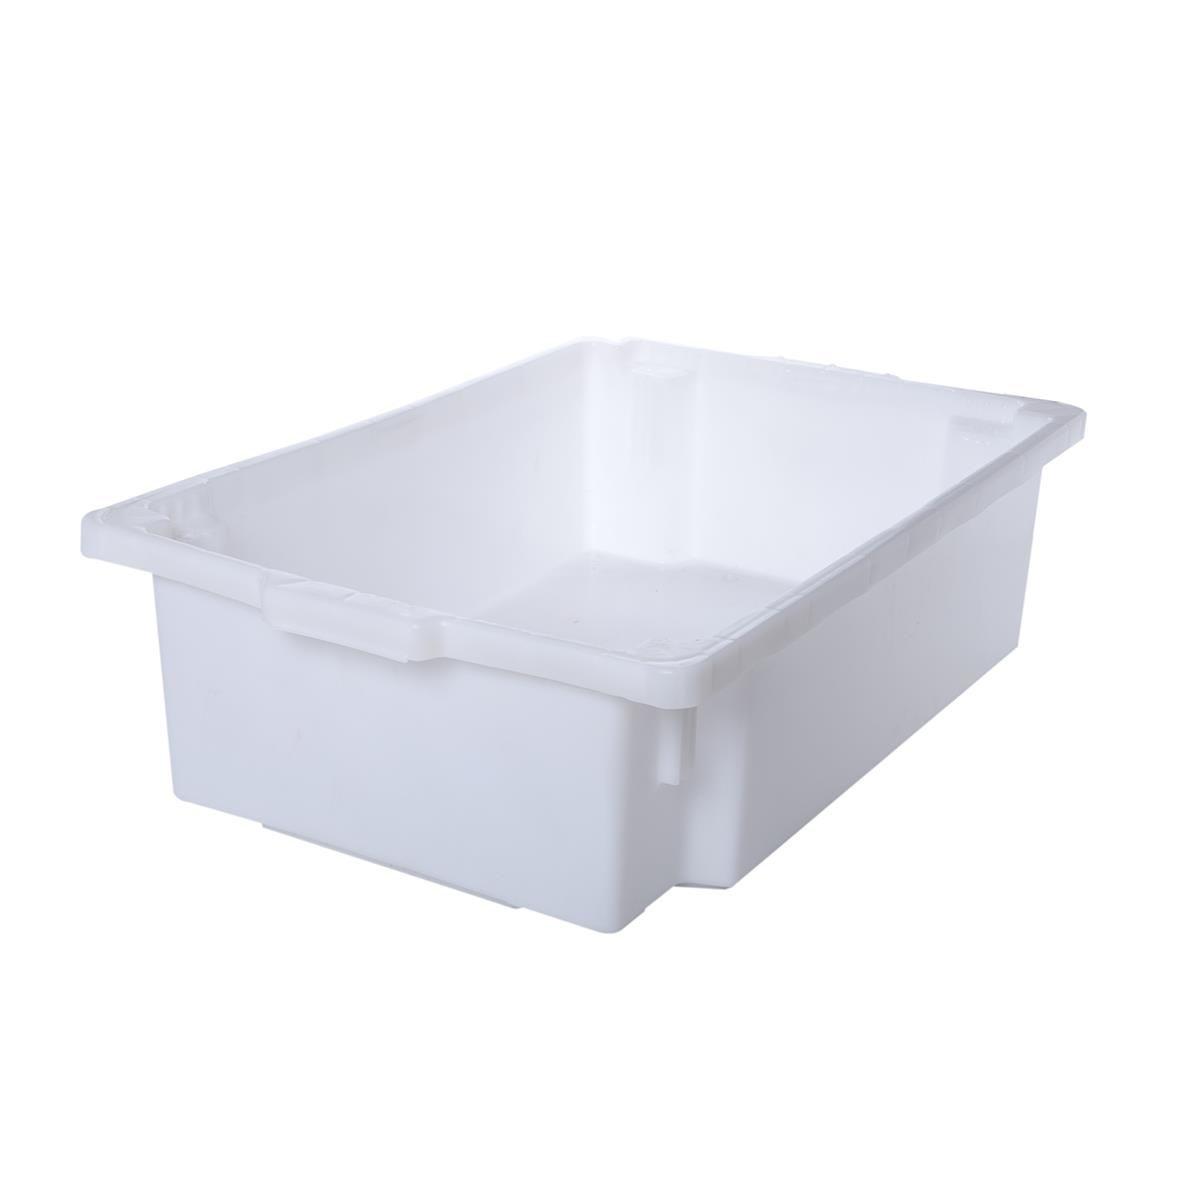 Caixa Organizadora Plástica Reforçada Com Tampa Supercron S-350 Branca 4,2 Litros